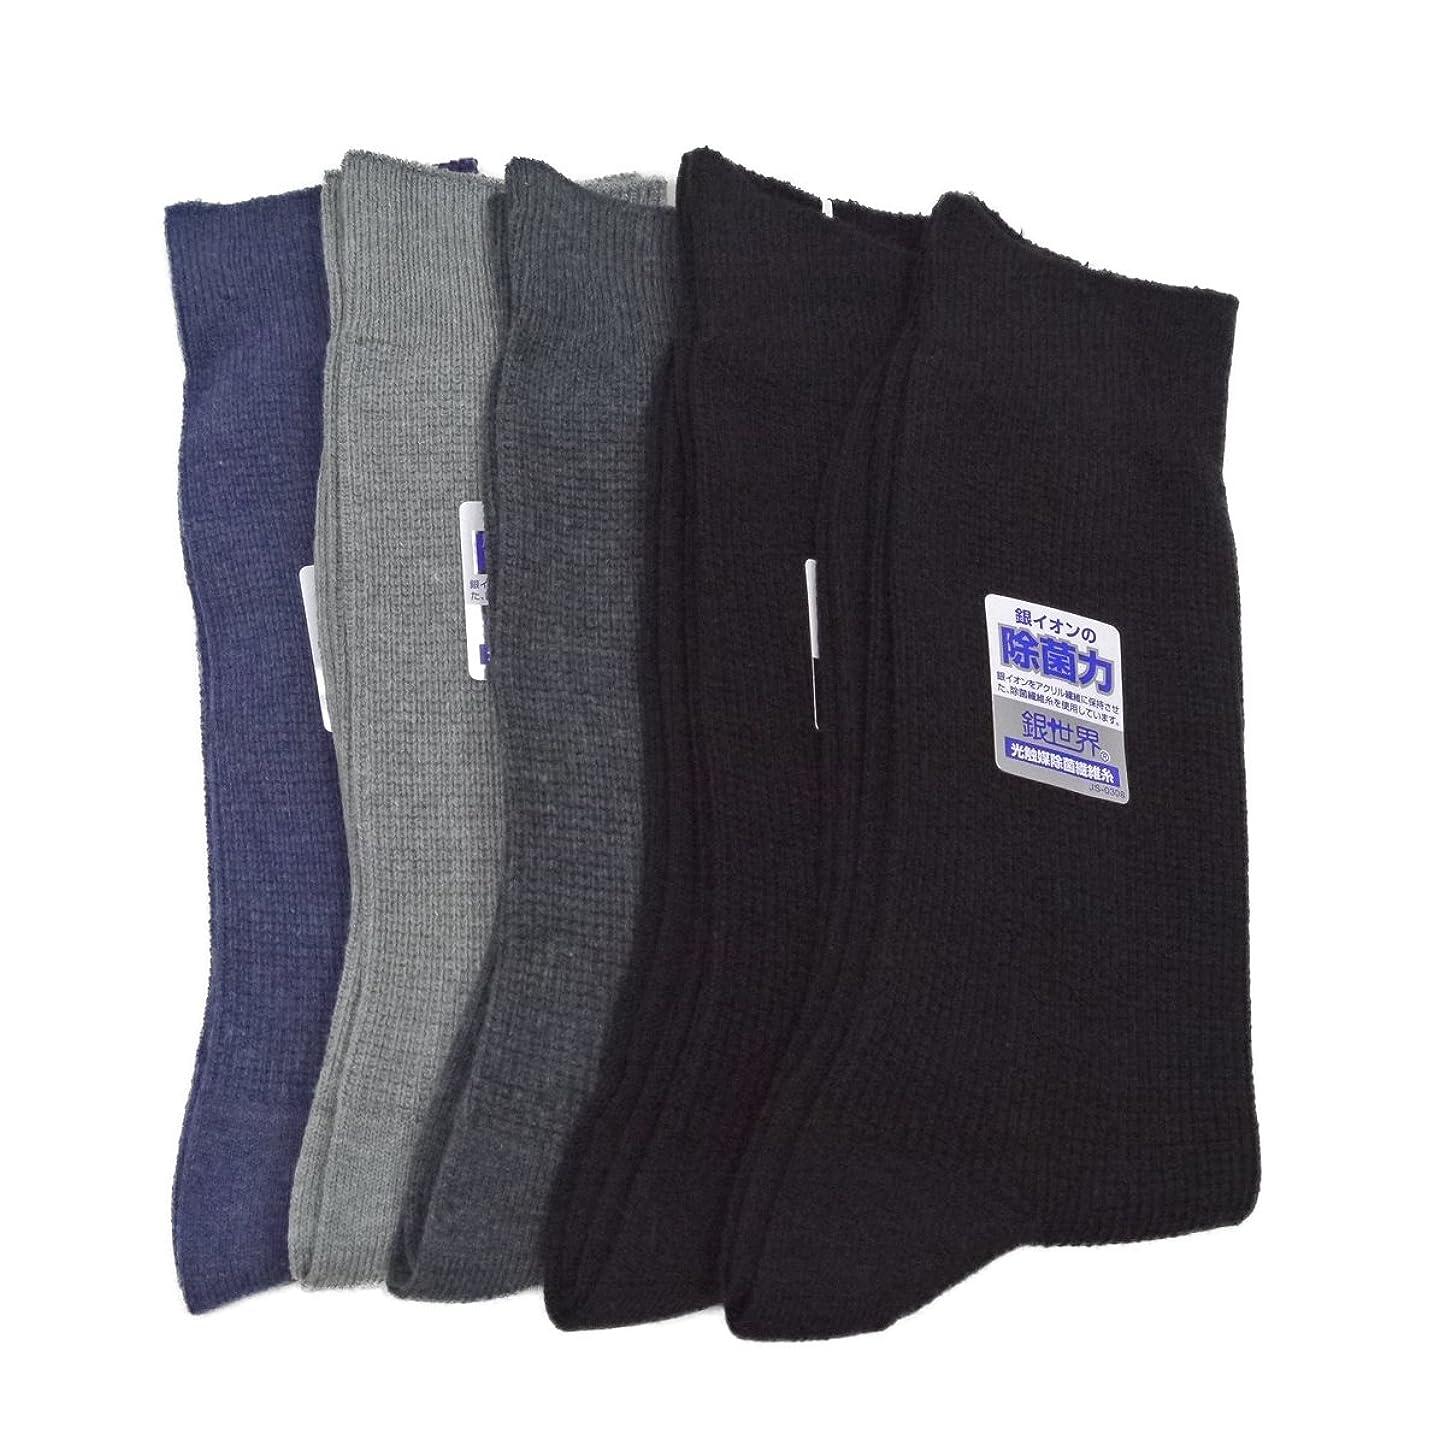 泥だらけウサギバンジージャンプ東洋紡 銀世界使用 日本製 銀イオンで除菌の靴下 リッチェル柄 アソート セット